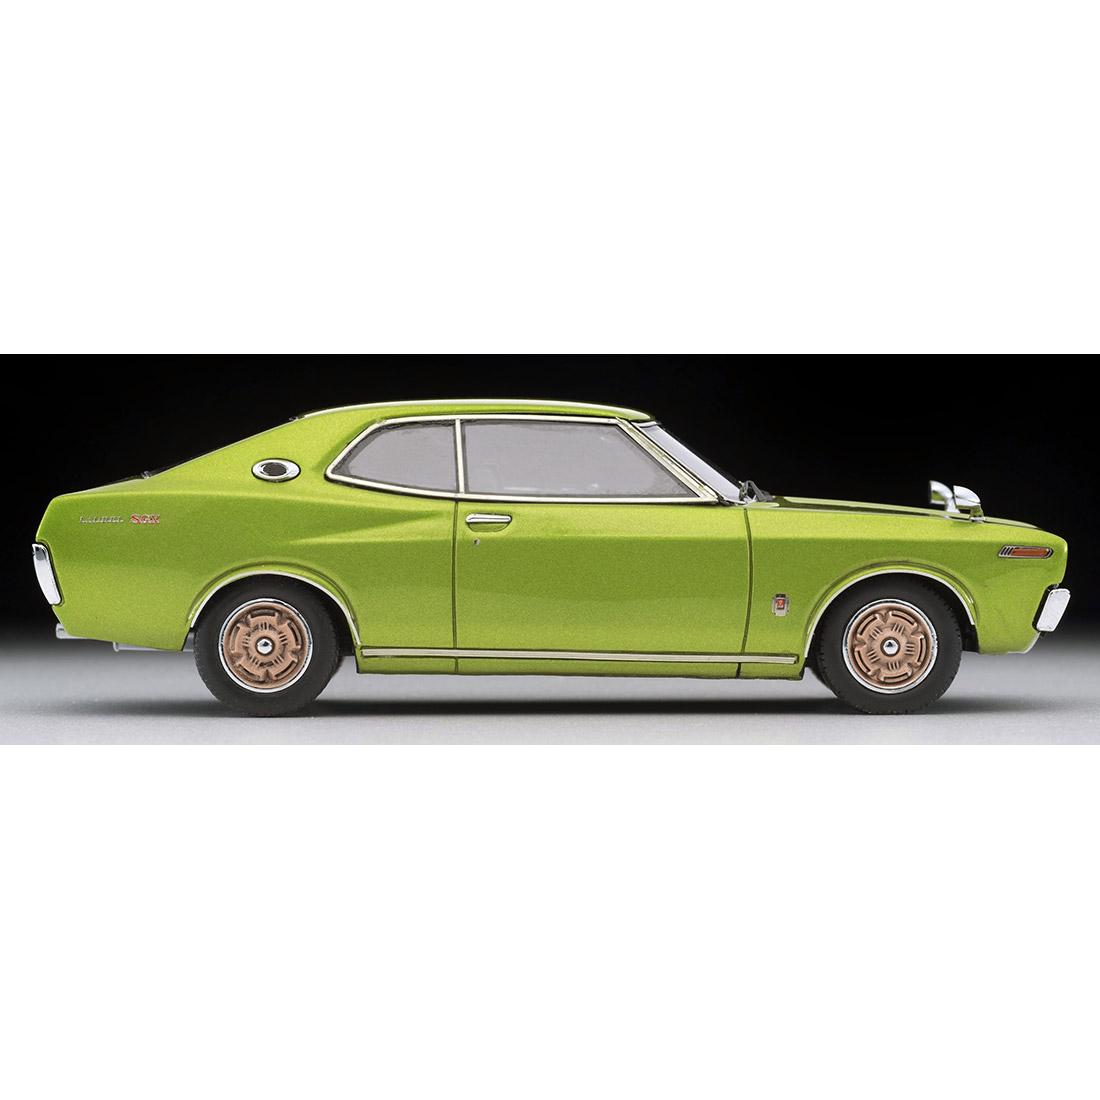 イグニッションモデル×トミーテック T-IG4323『ローレルHT 2000SGX(緑)』1/43 ミニカー-007